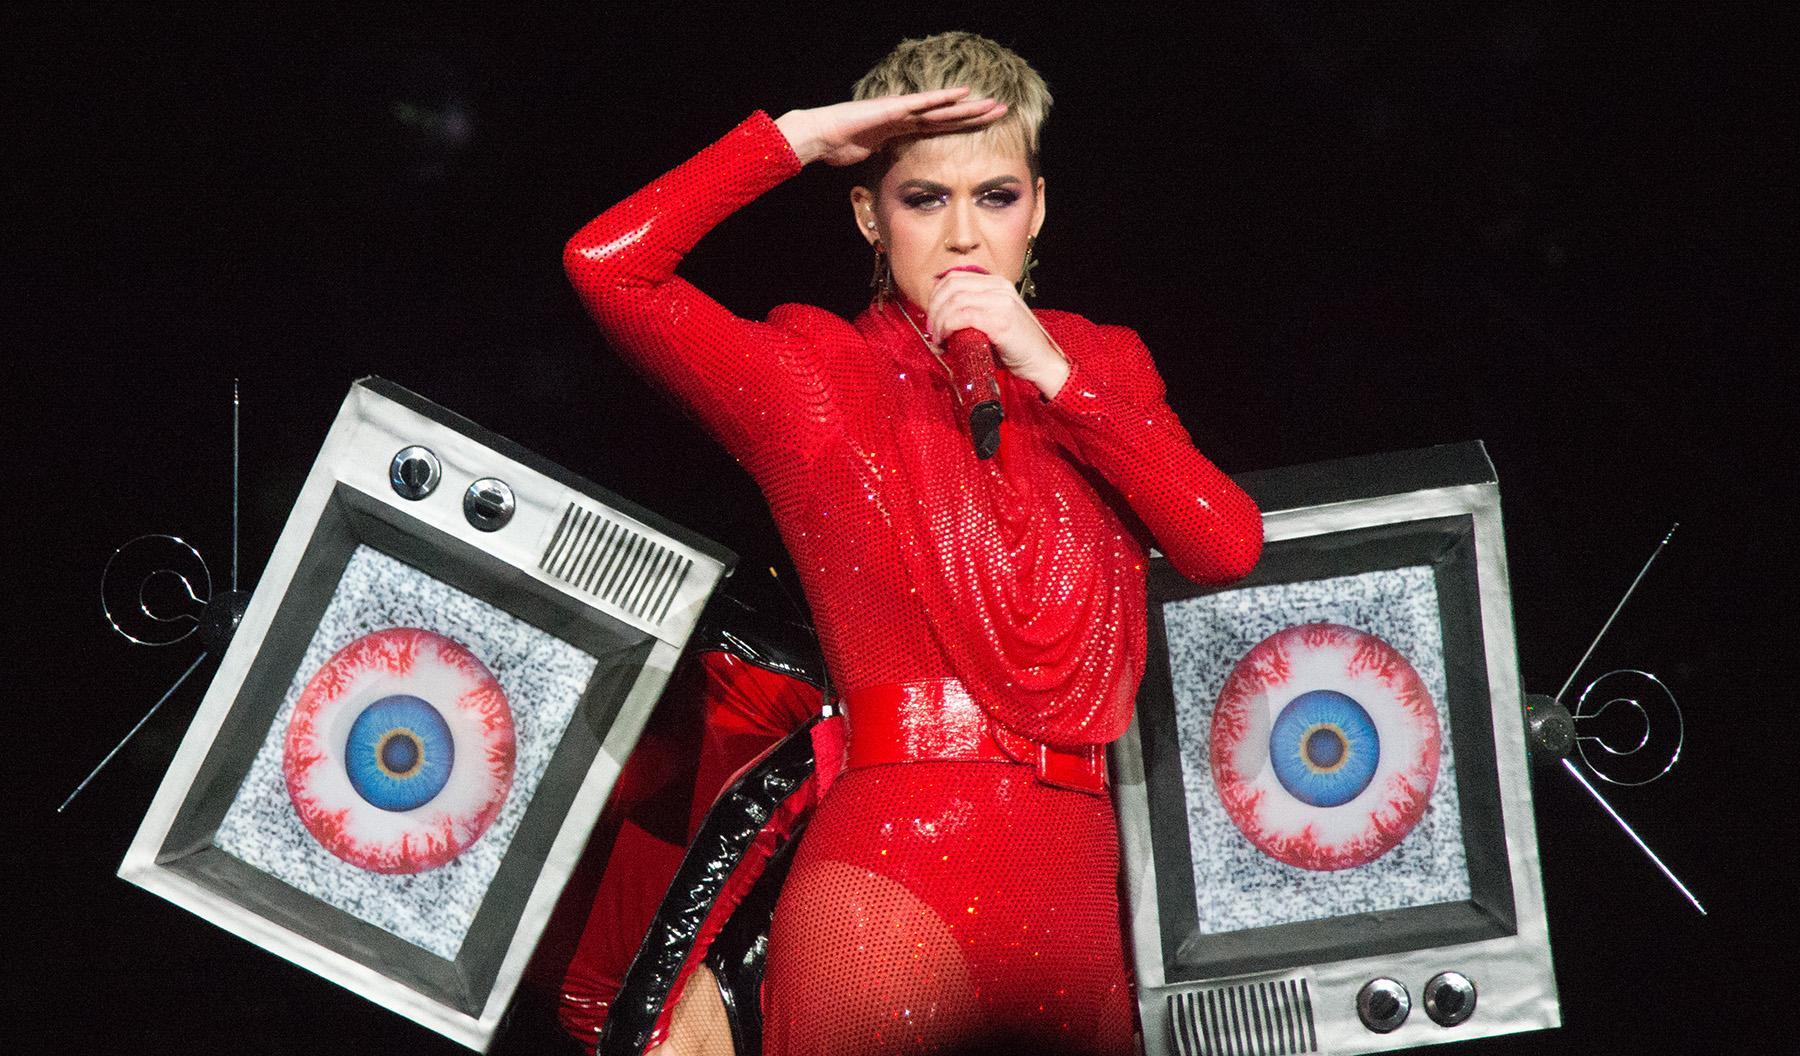 """Từ gương mặt dẫn đầu của nhạc pop, Katy Perry rớt hạng """"đau đớn"""" với album """"Witness""""."""